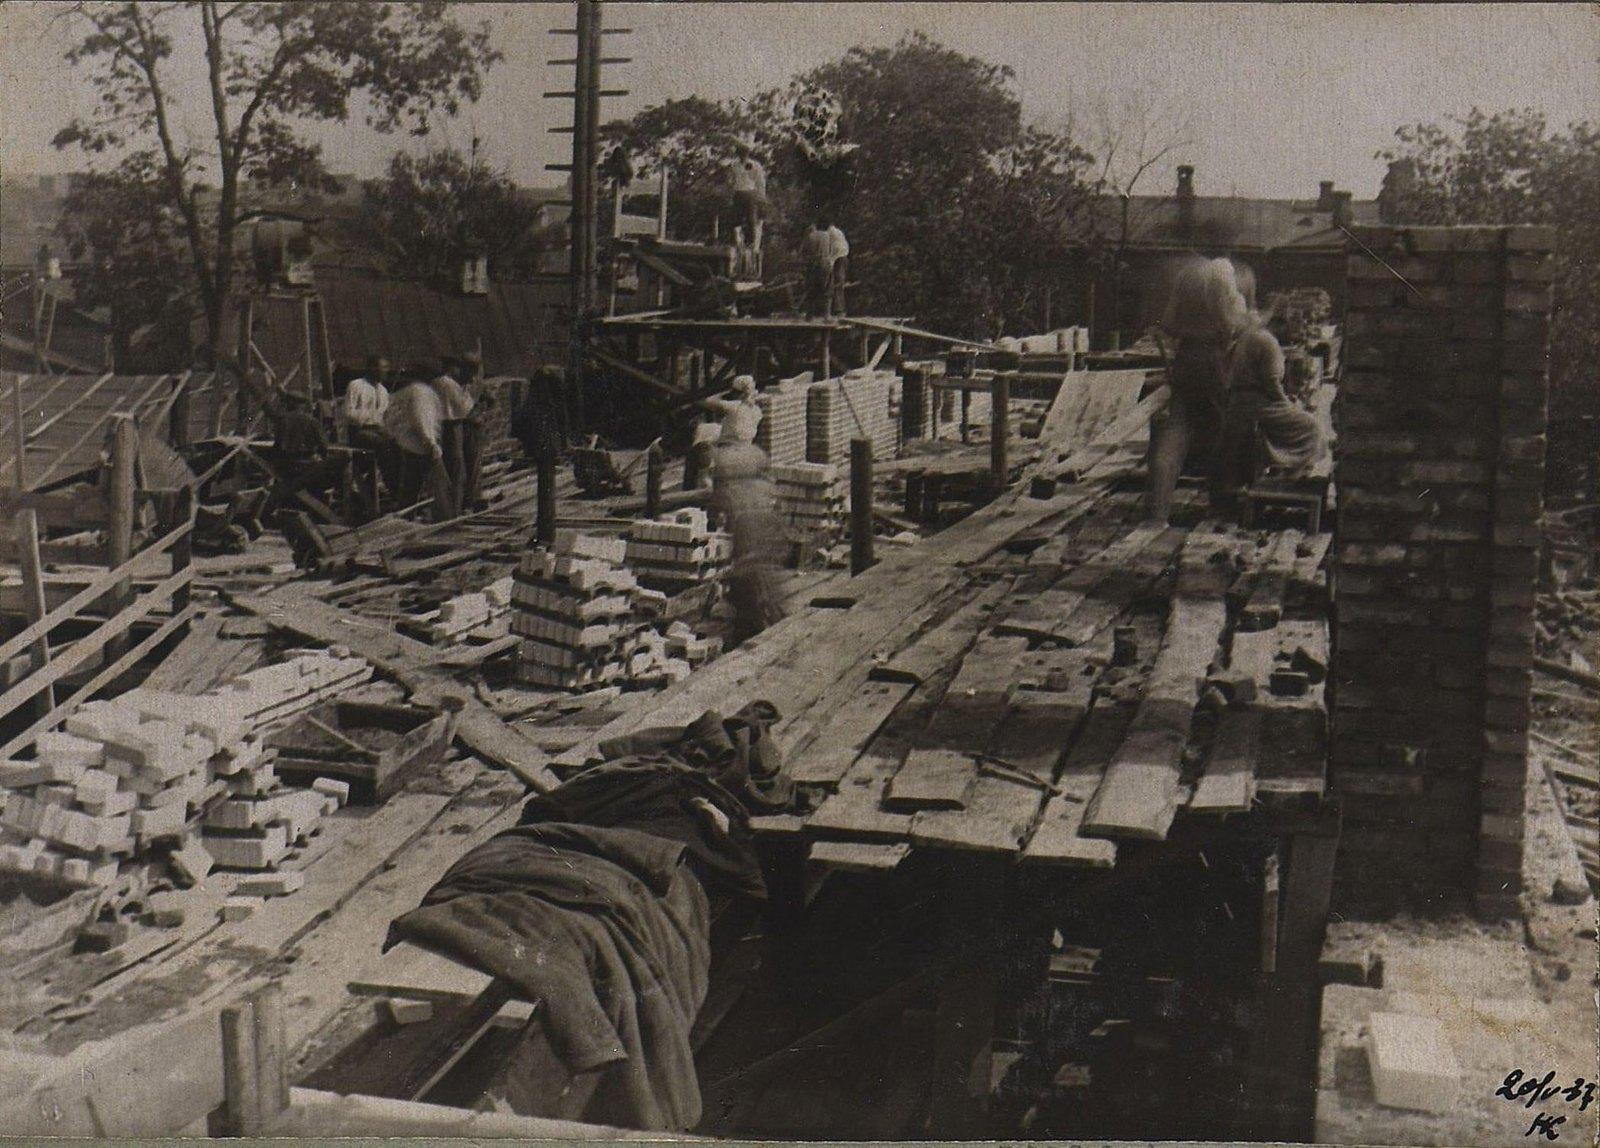 08. 1937. Строительство школы на улице Красина, дом 27. 20 мая